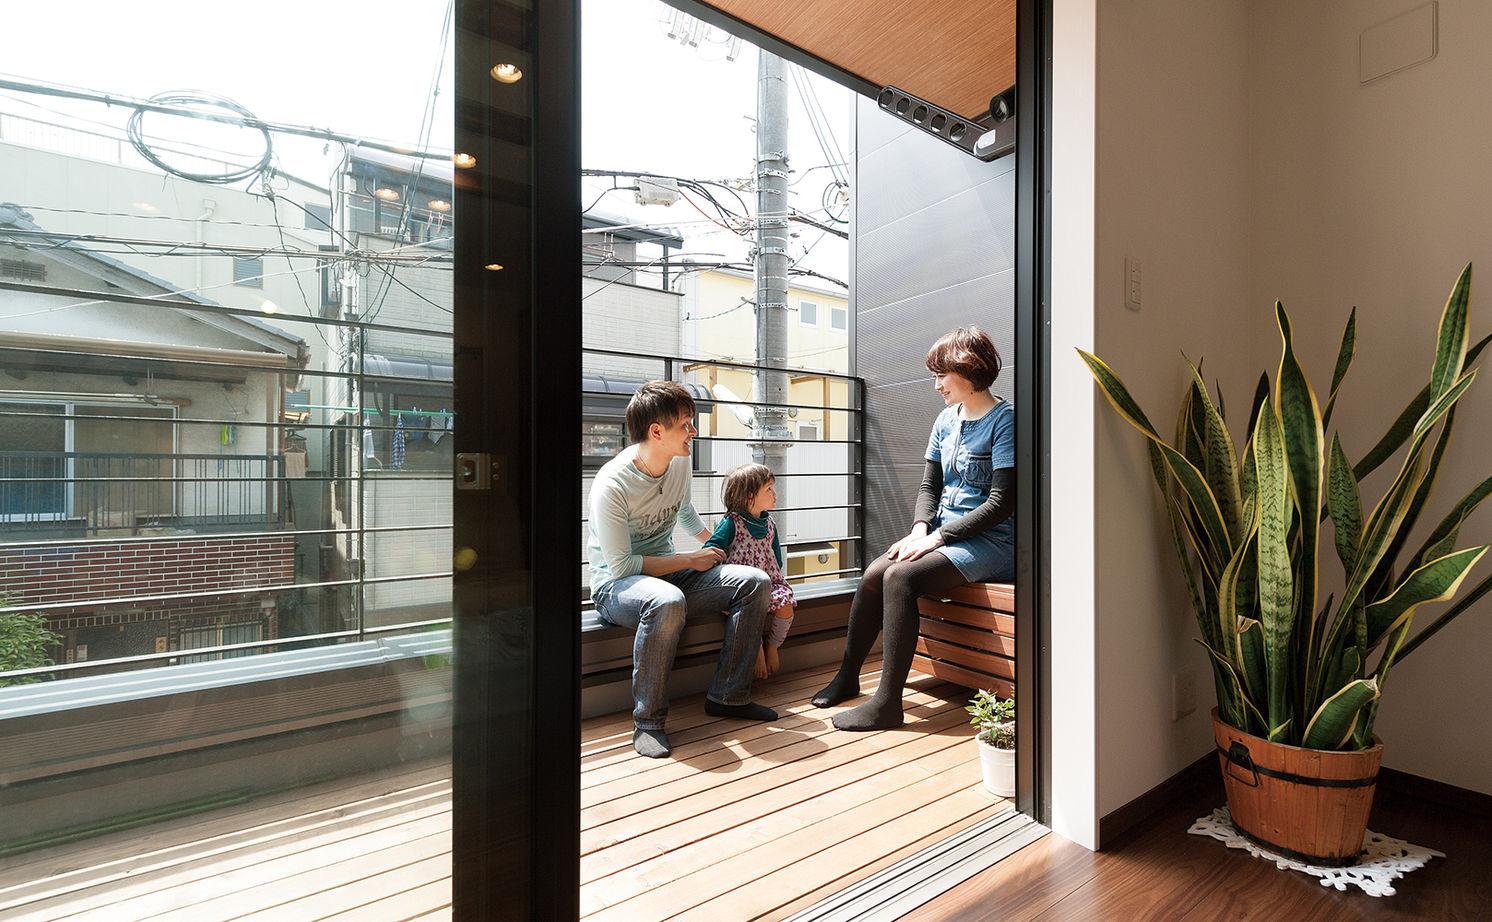 【1500~2000万円】わずか17.8坪に建てた2世帯住宅。タテヨコに広がる設計で開放感あり画像3